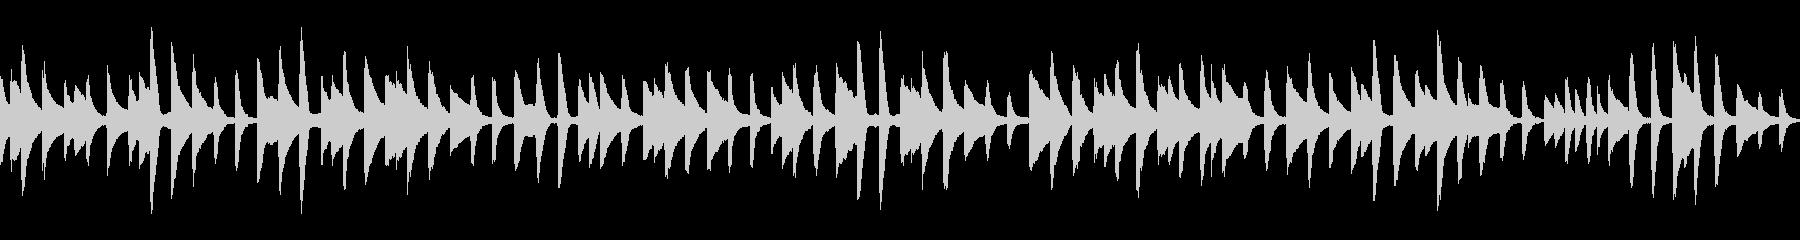 童謡「背比べ」ループ仕様ピアノソロの未再生の波形